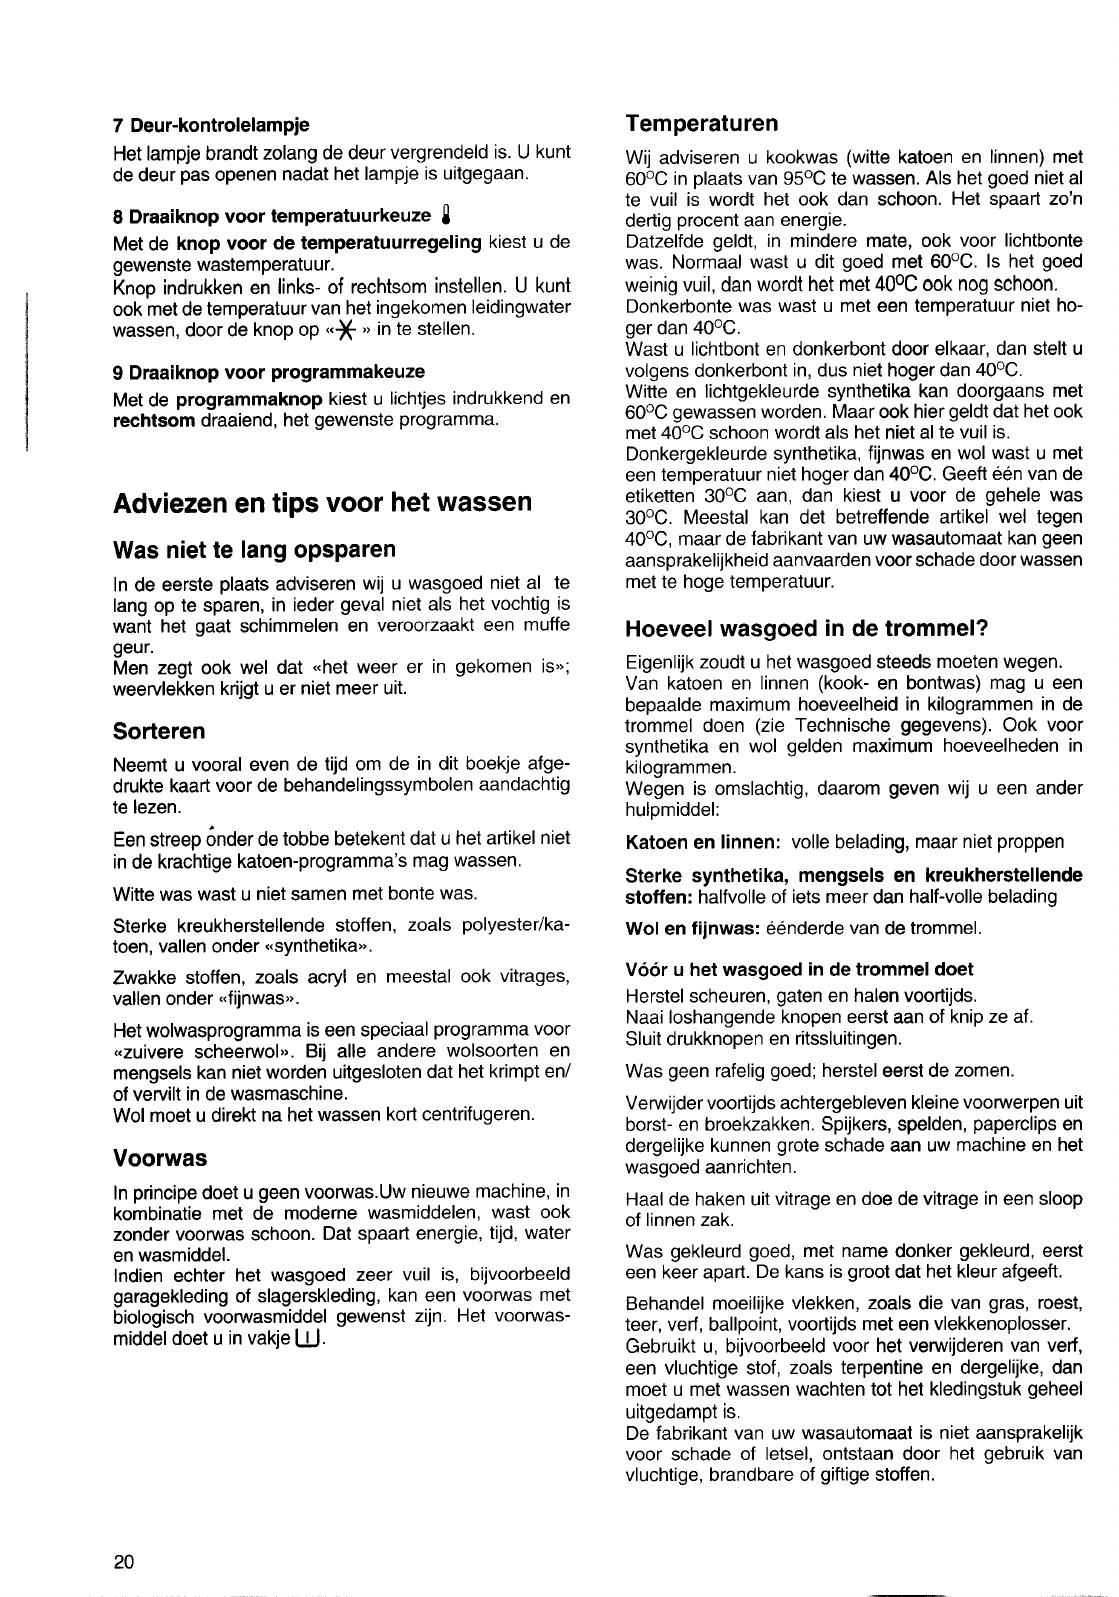 Awesome Gordijnen Wassen Temperatuur Gallery - Ideeën Voor Thuis ...